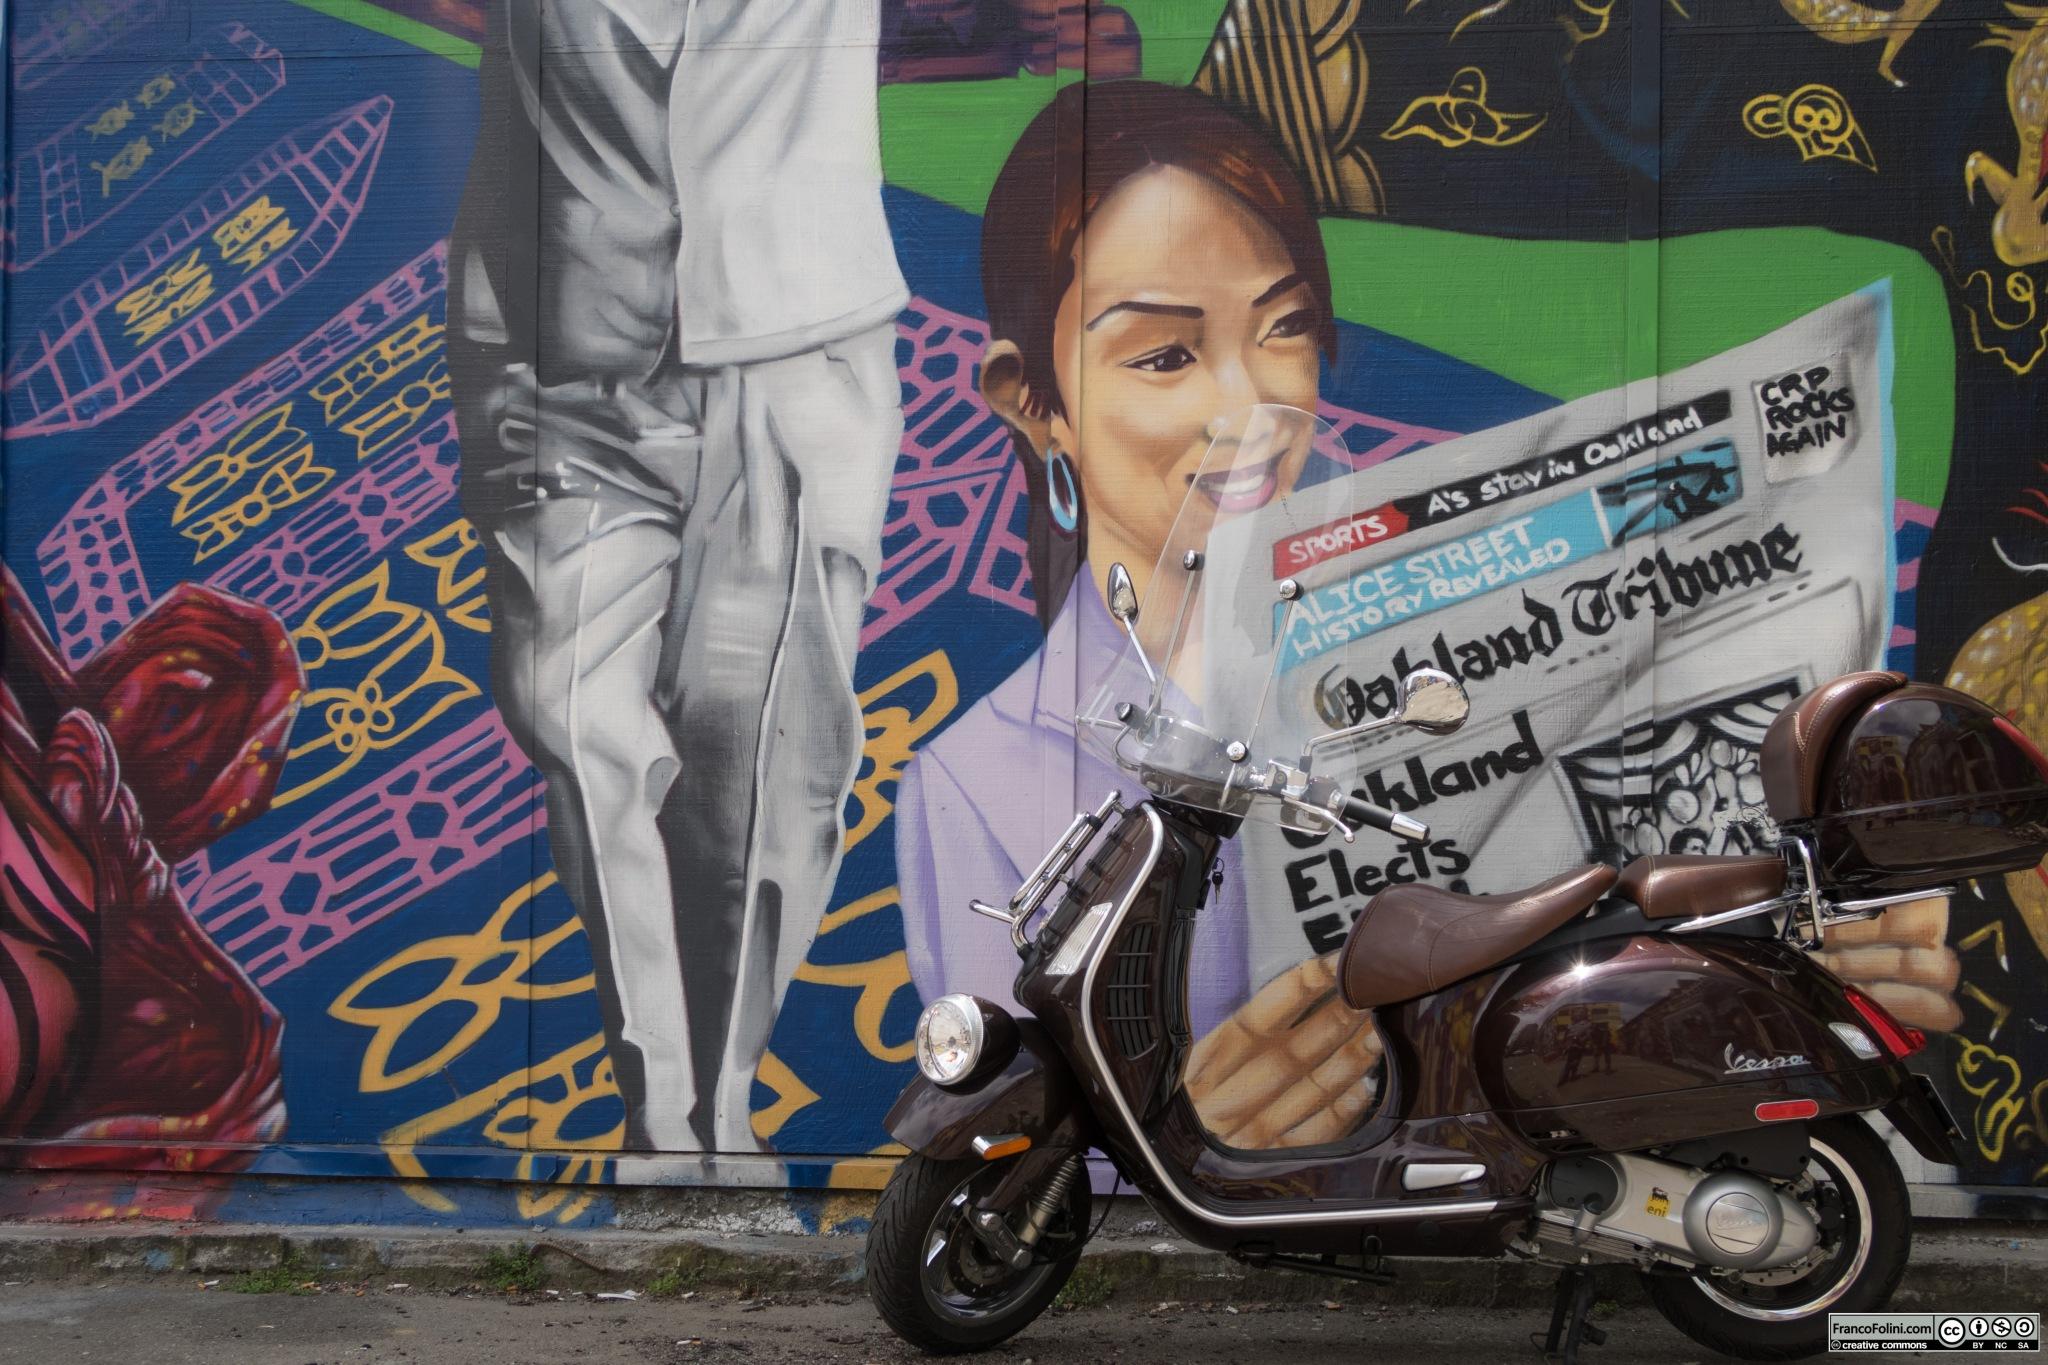 Vespa davanti a murale nel centro di Oakland